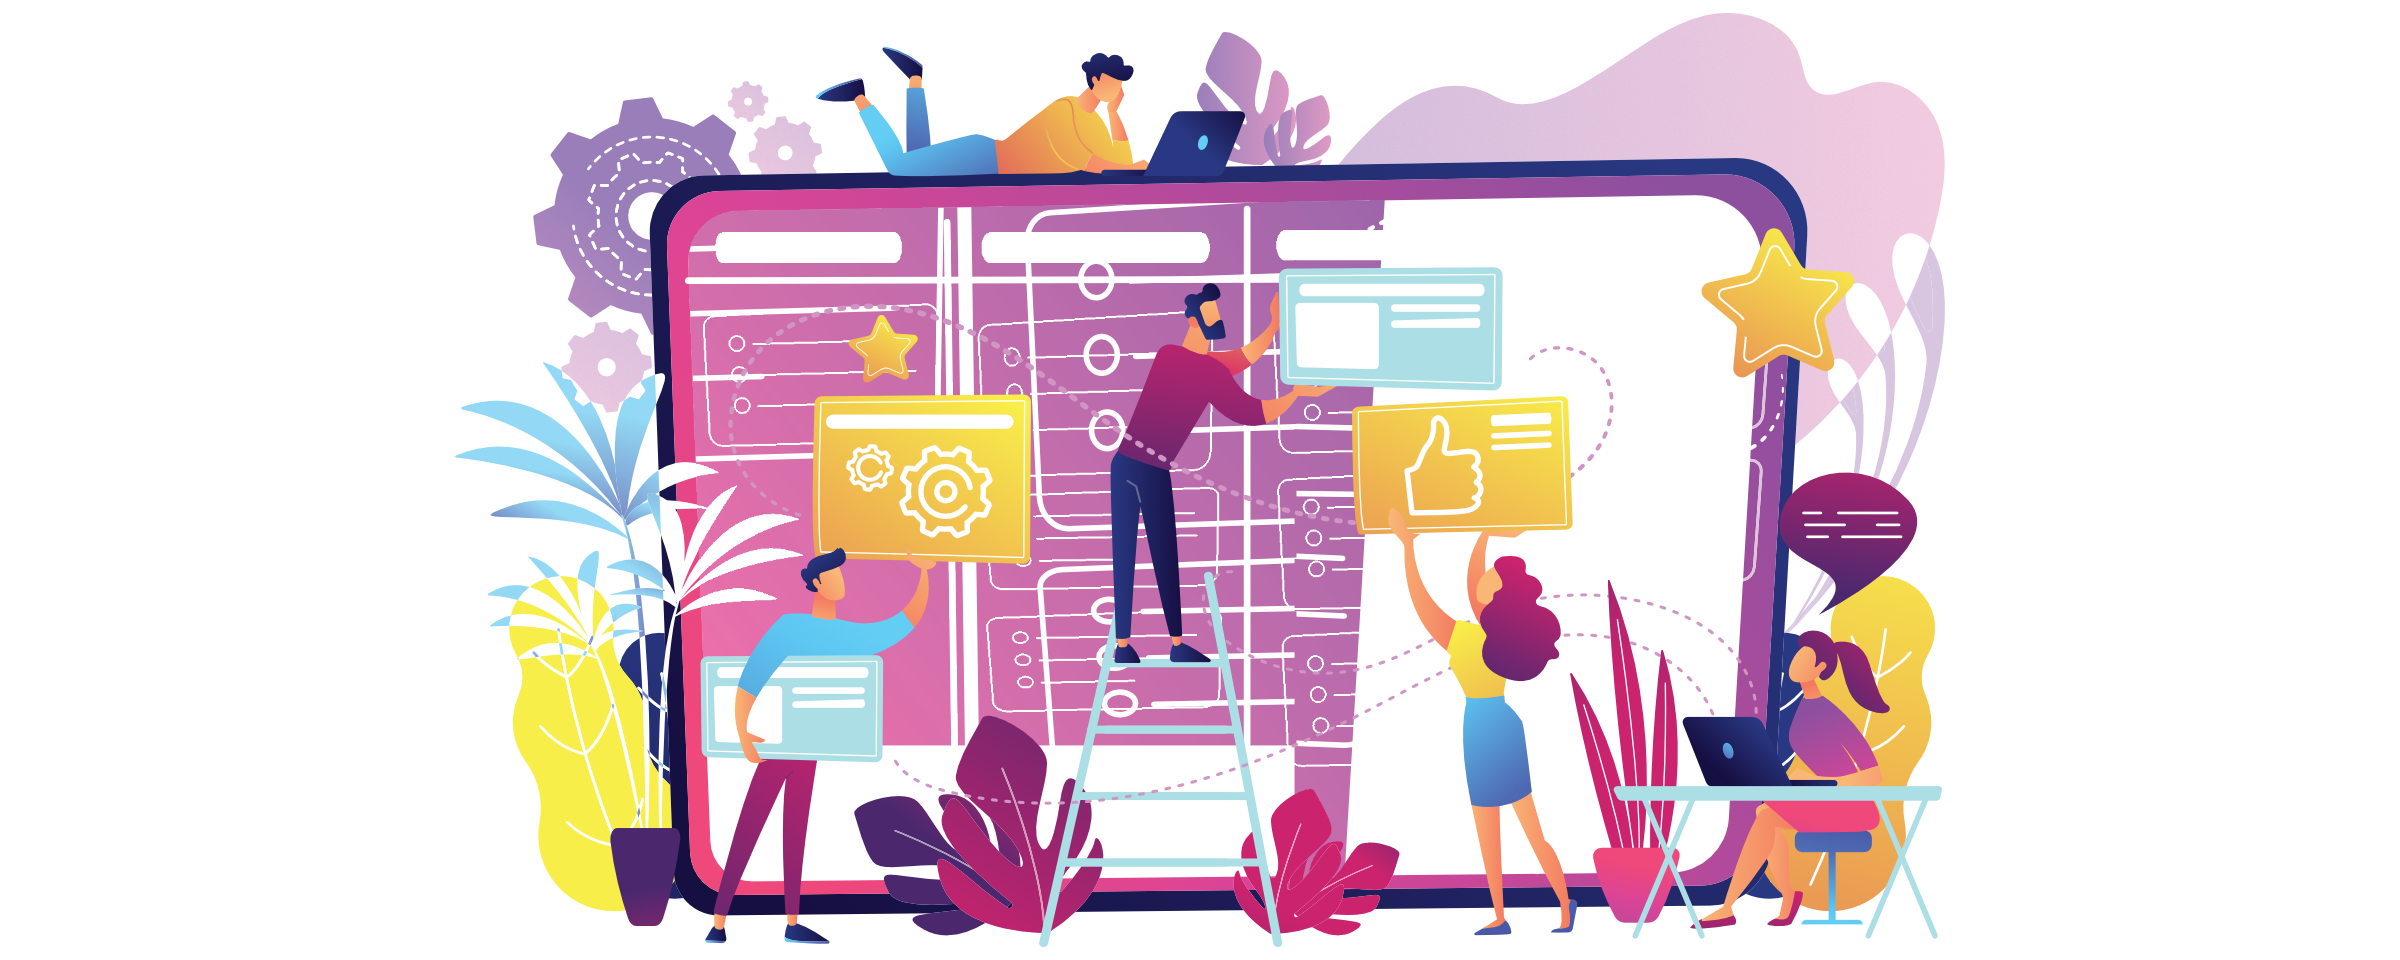 Iconfinder designer report Q3 2019.